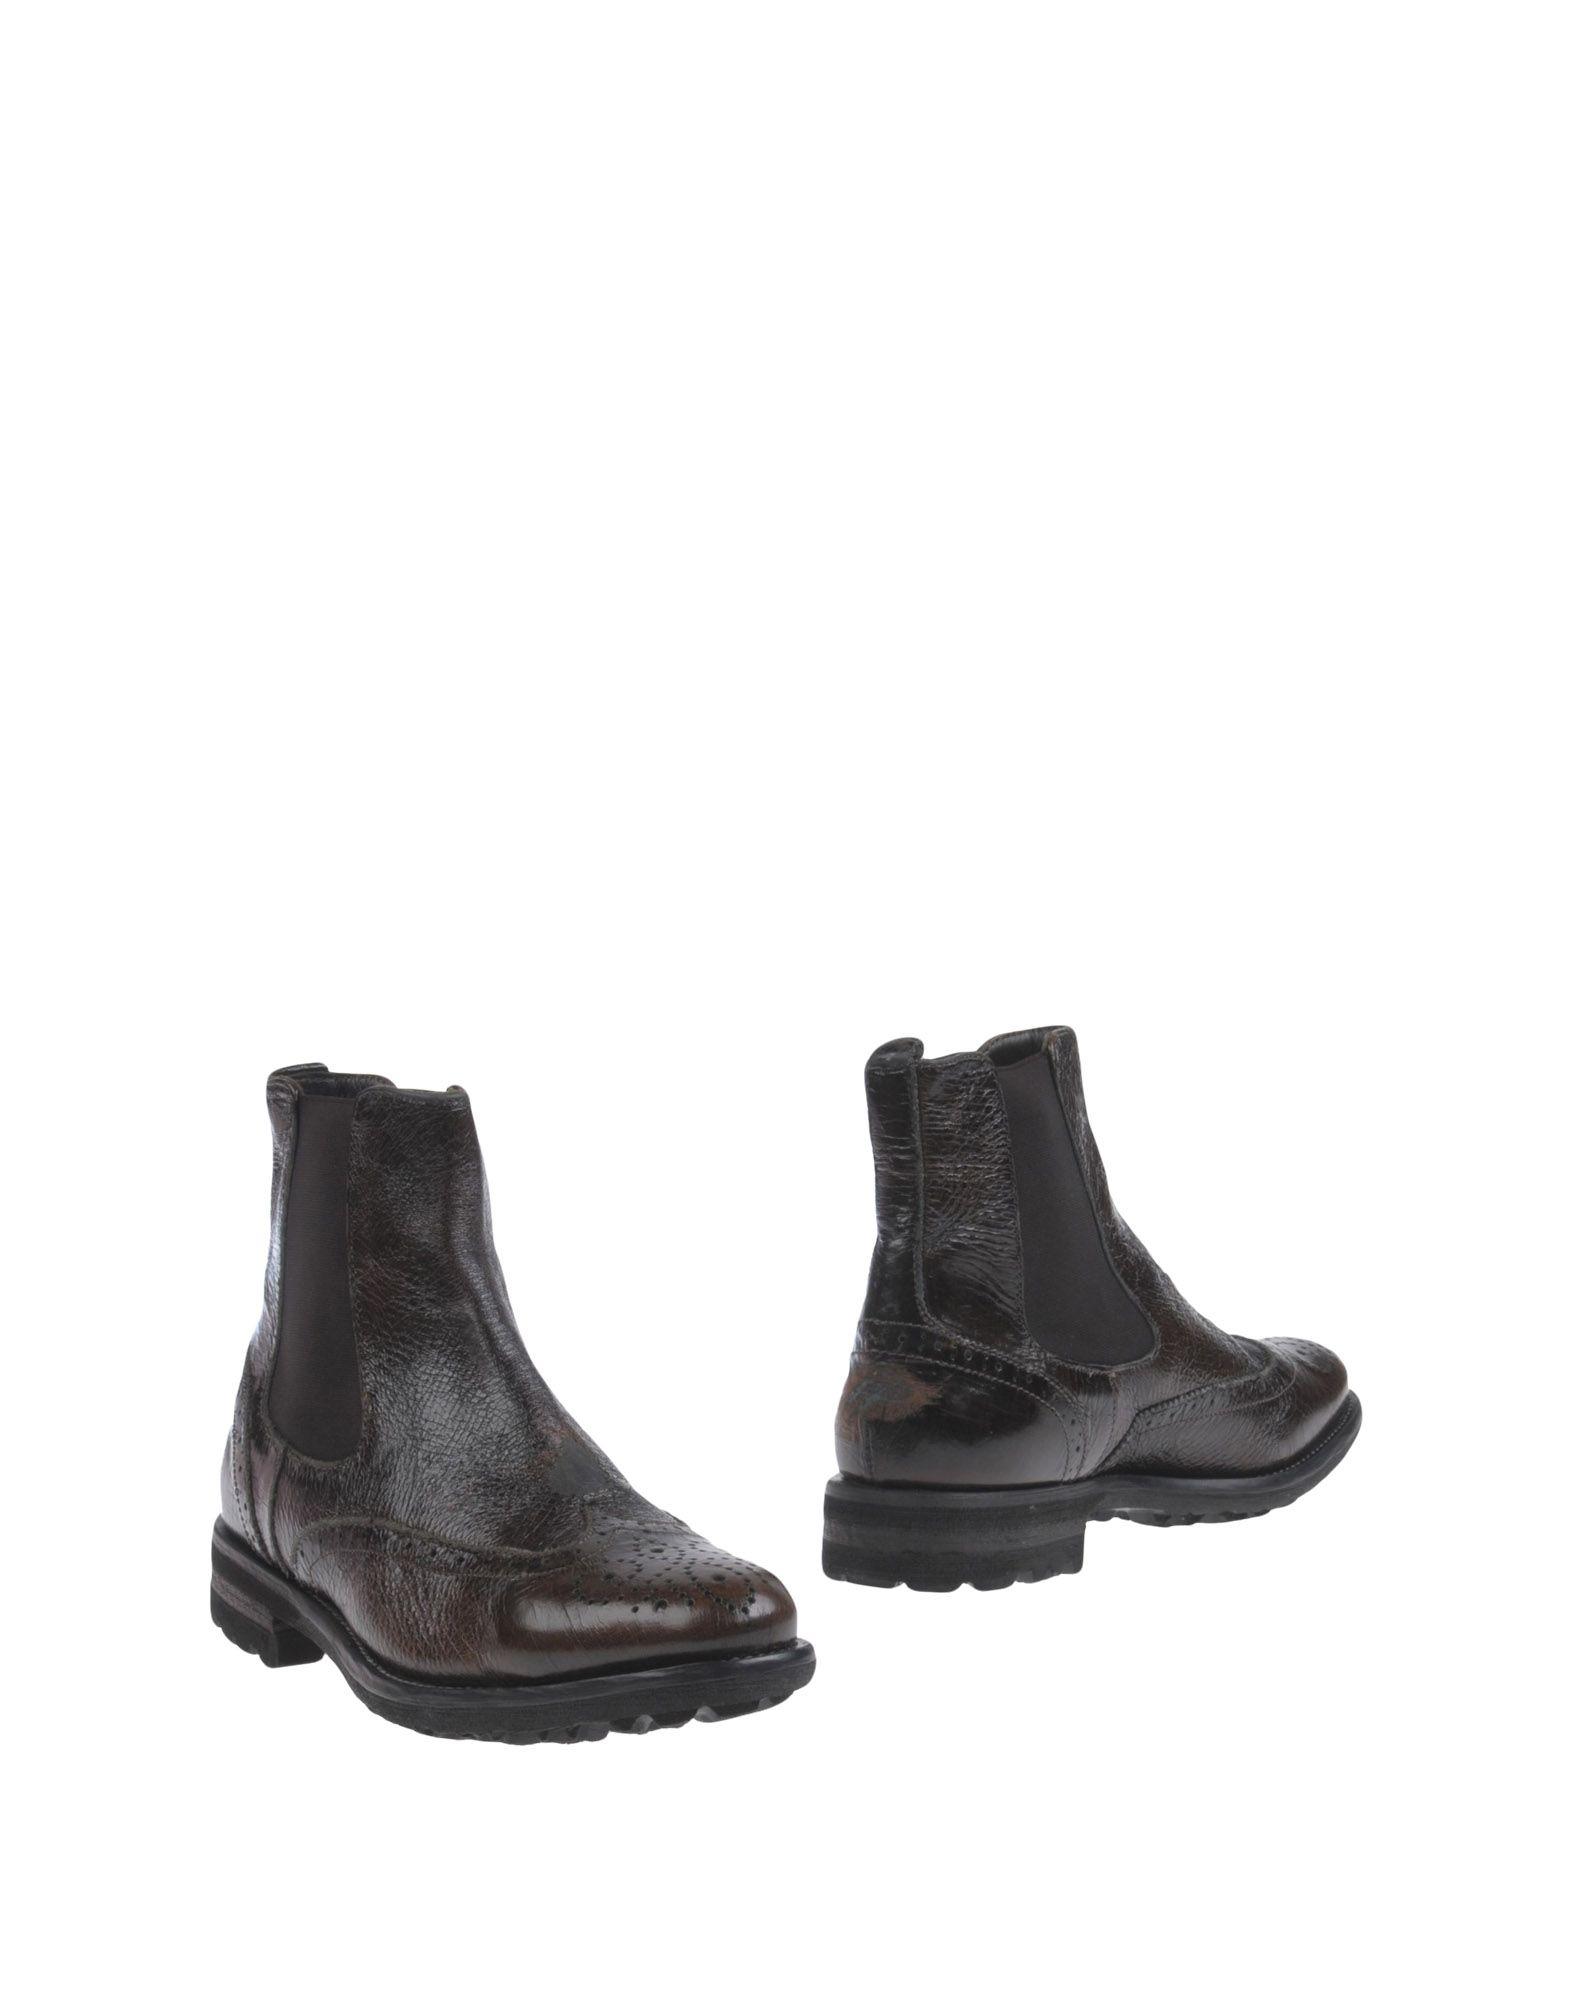 ALBERTO GUARDIANI SEATTLE Полусапоги и высокие ботинки купить футбольную форму челси торрес